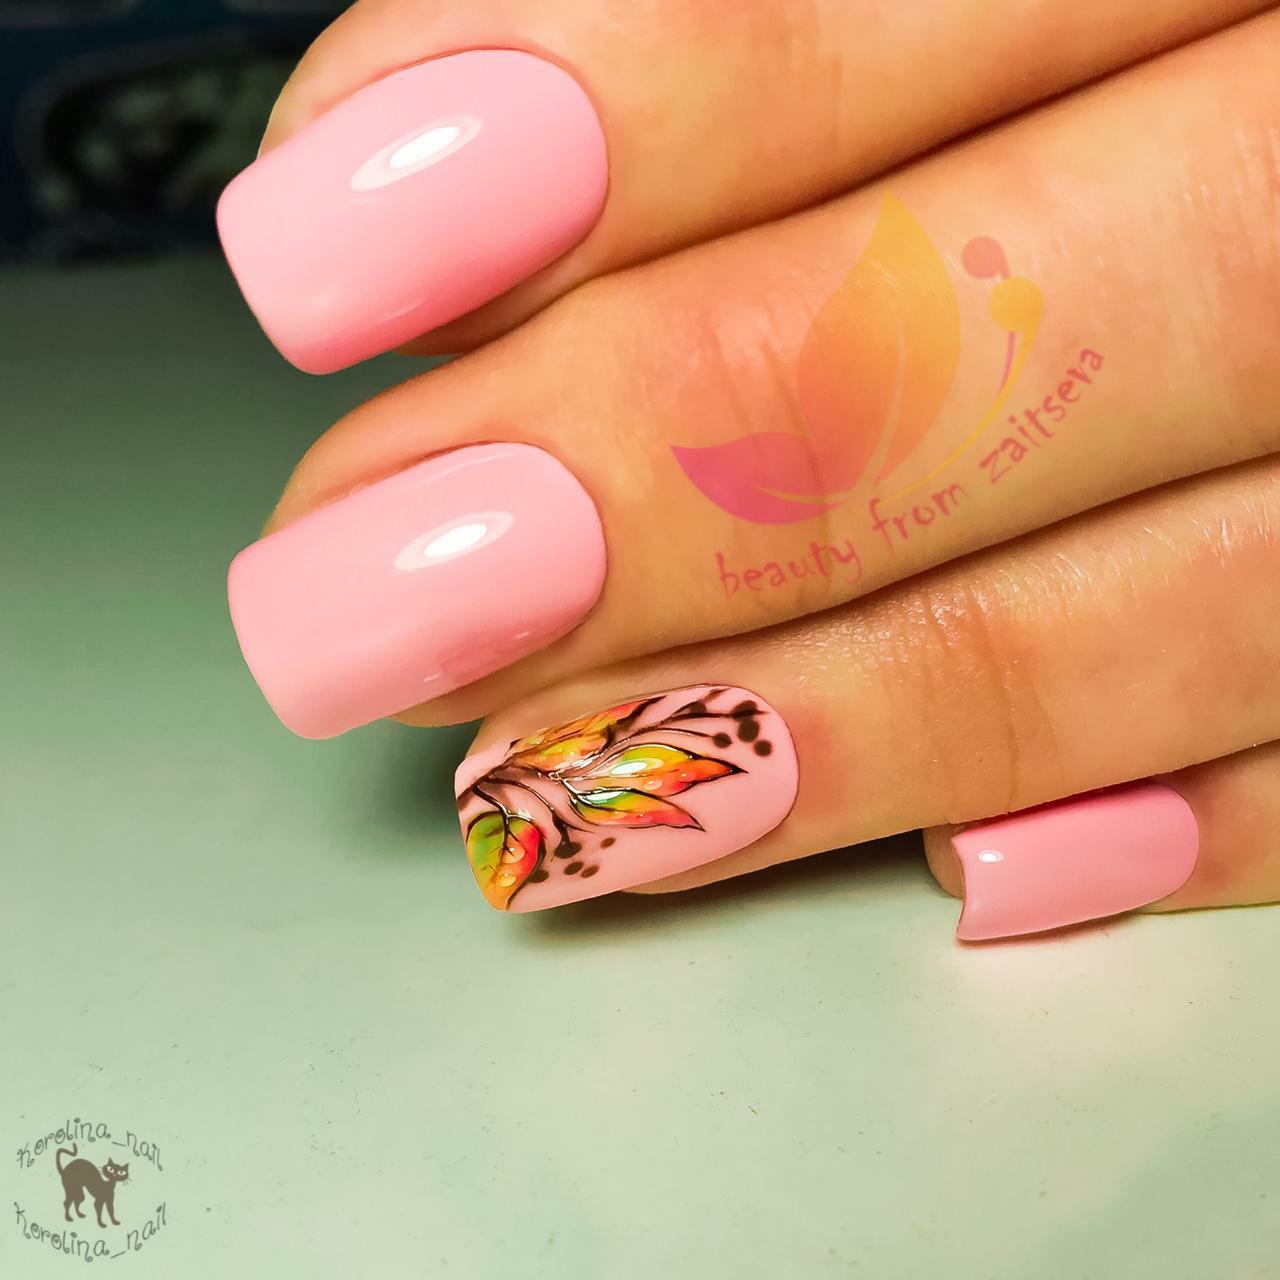 Осенний маникюр с рисунком в розовом цвете на длинные ногти.